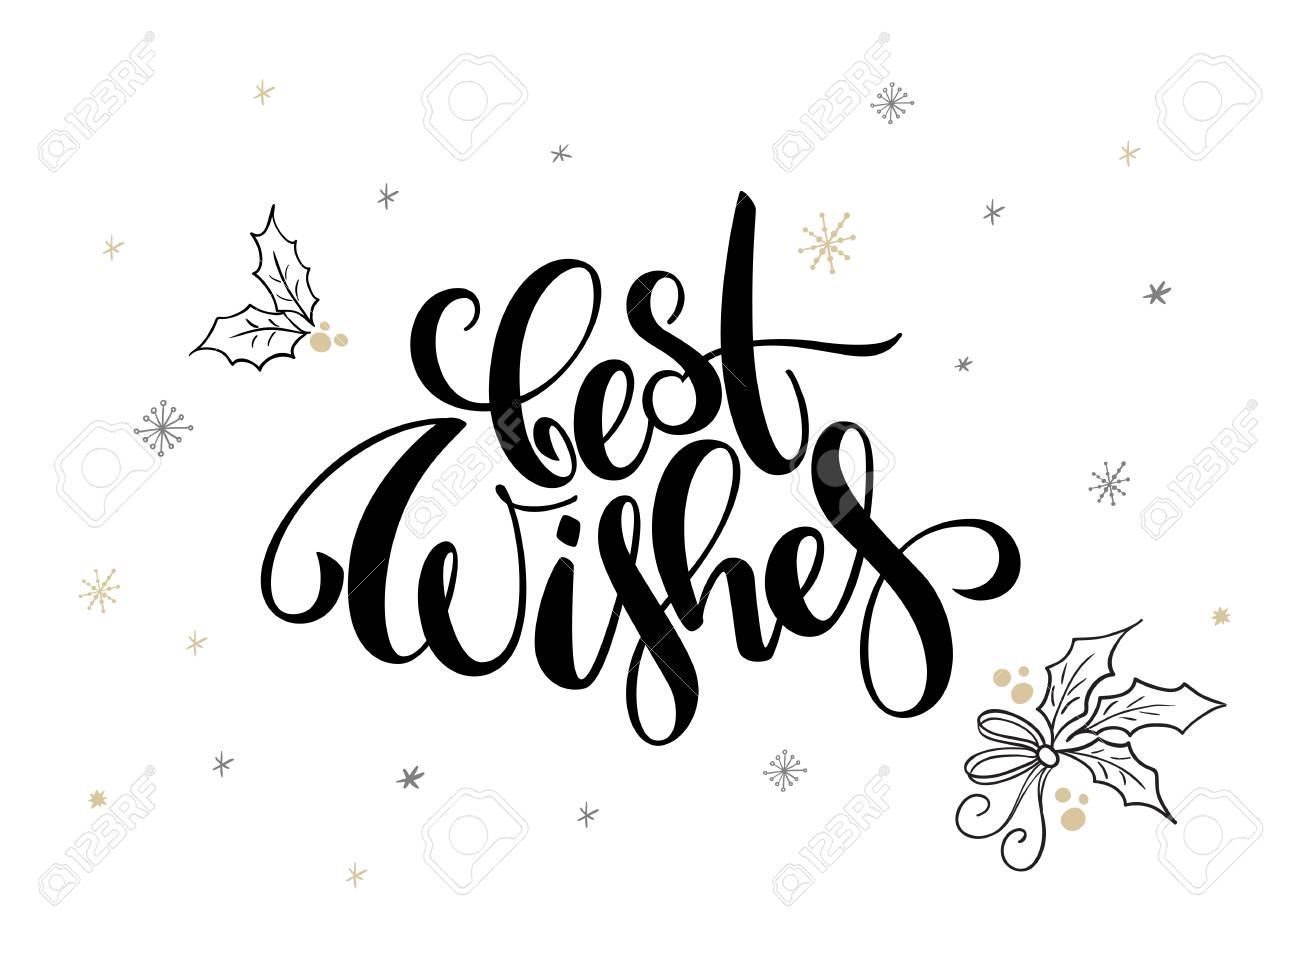 Vecteur Texte De Voeux De Noël Meilleurs Voeux Avec Des Feuilles De Houx Et Des Flocons De Neige